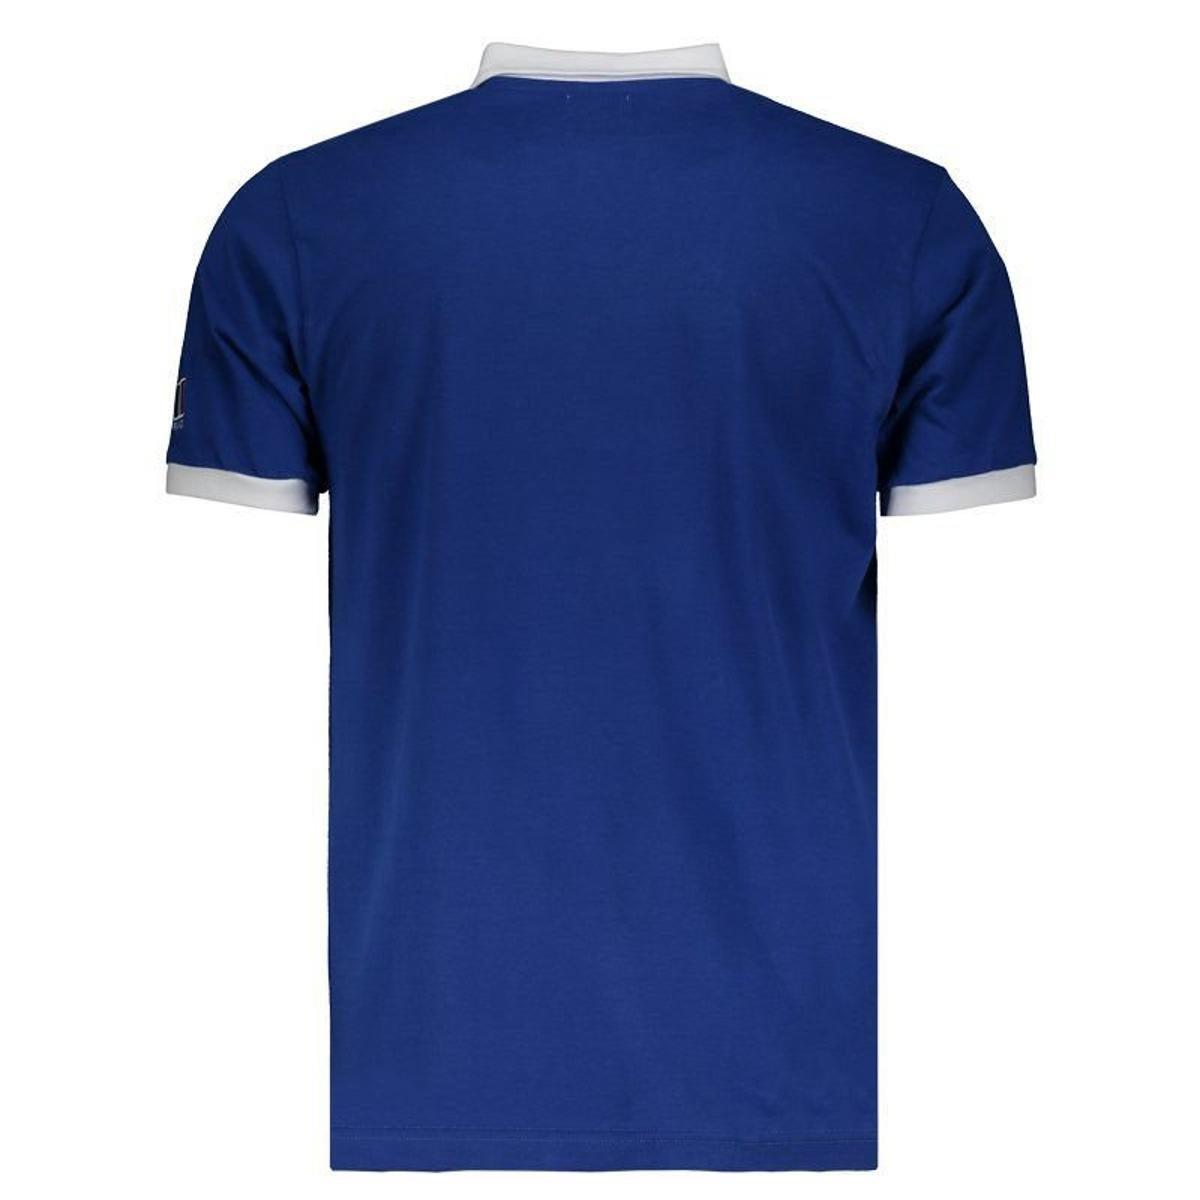 Camisa França Retrô Rugby Masculina - Azul - Compre Agora  3e72d5e992b1f